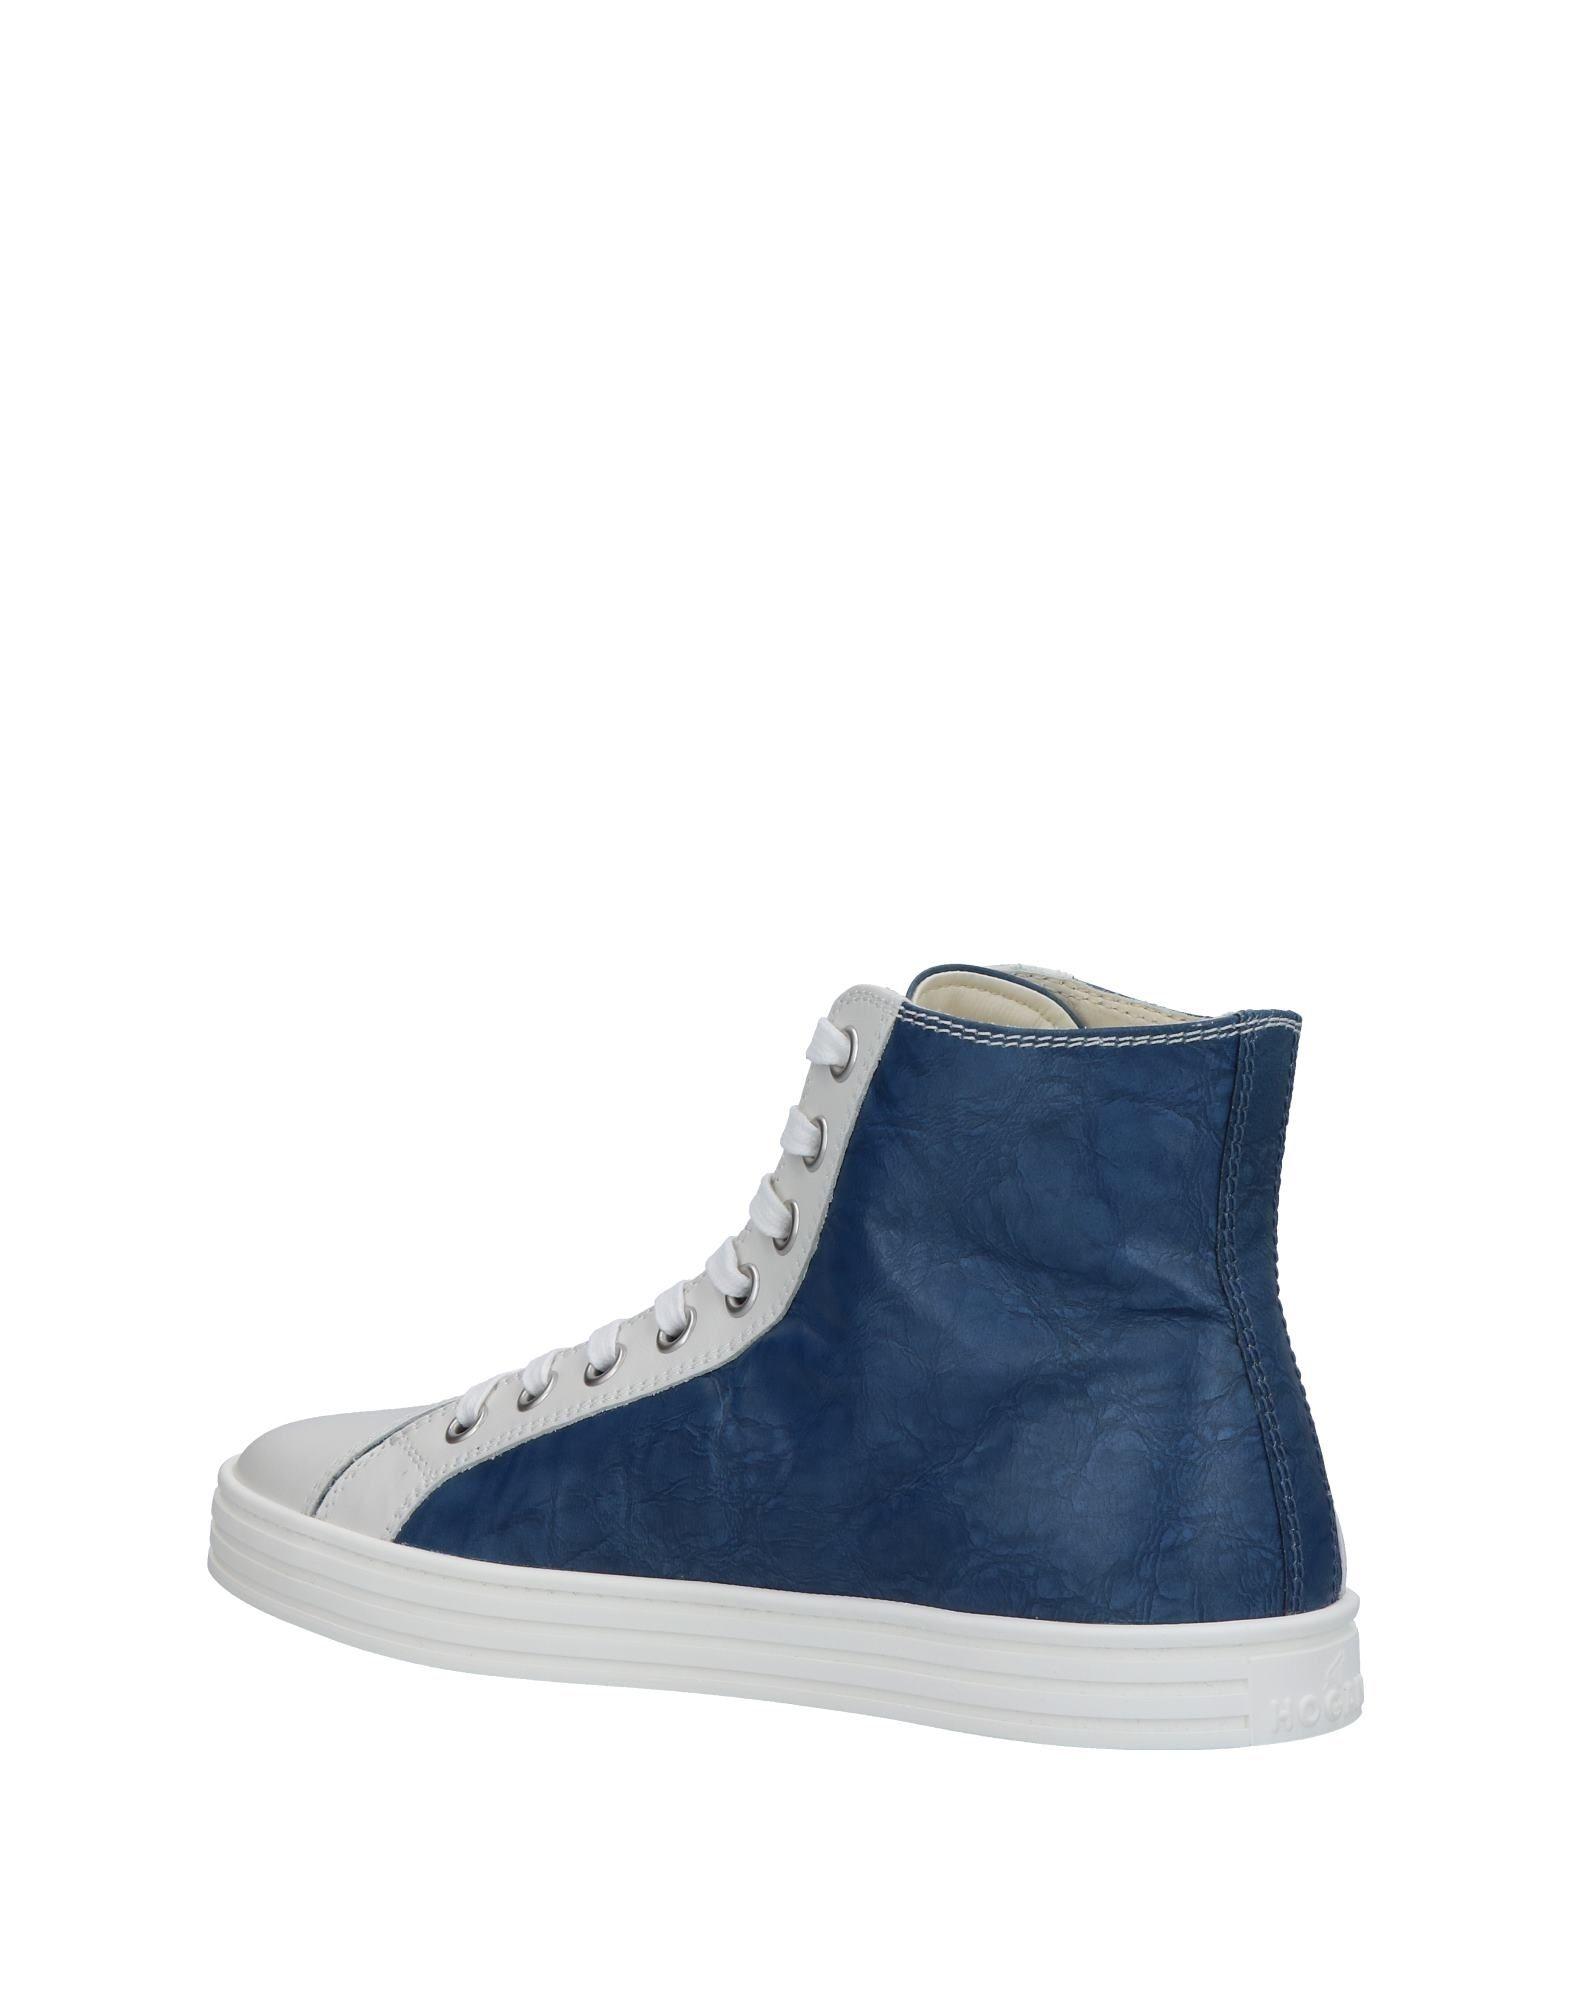 Hogan Rebel Sneakers Herren Herren Sneakers  11411715QJ f13d14